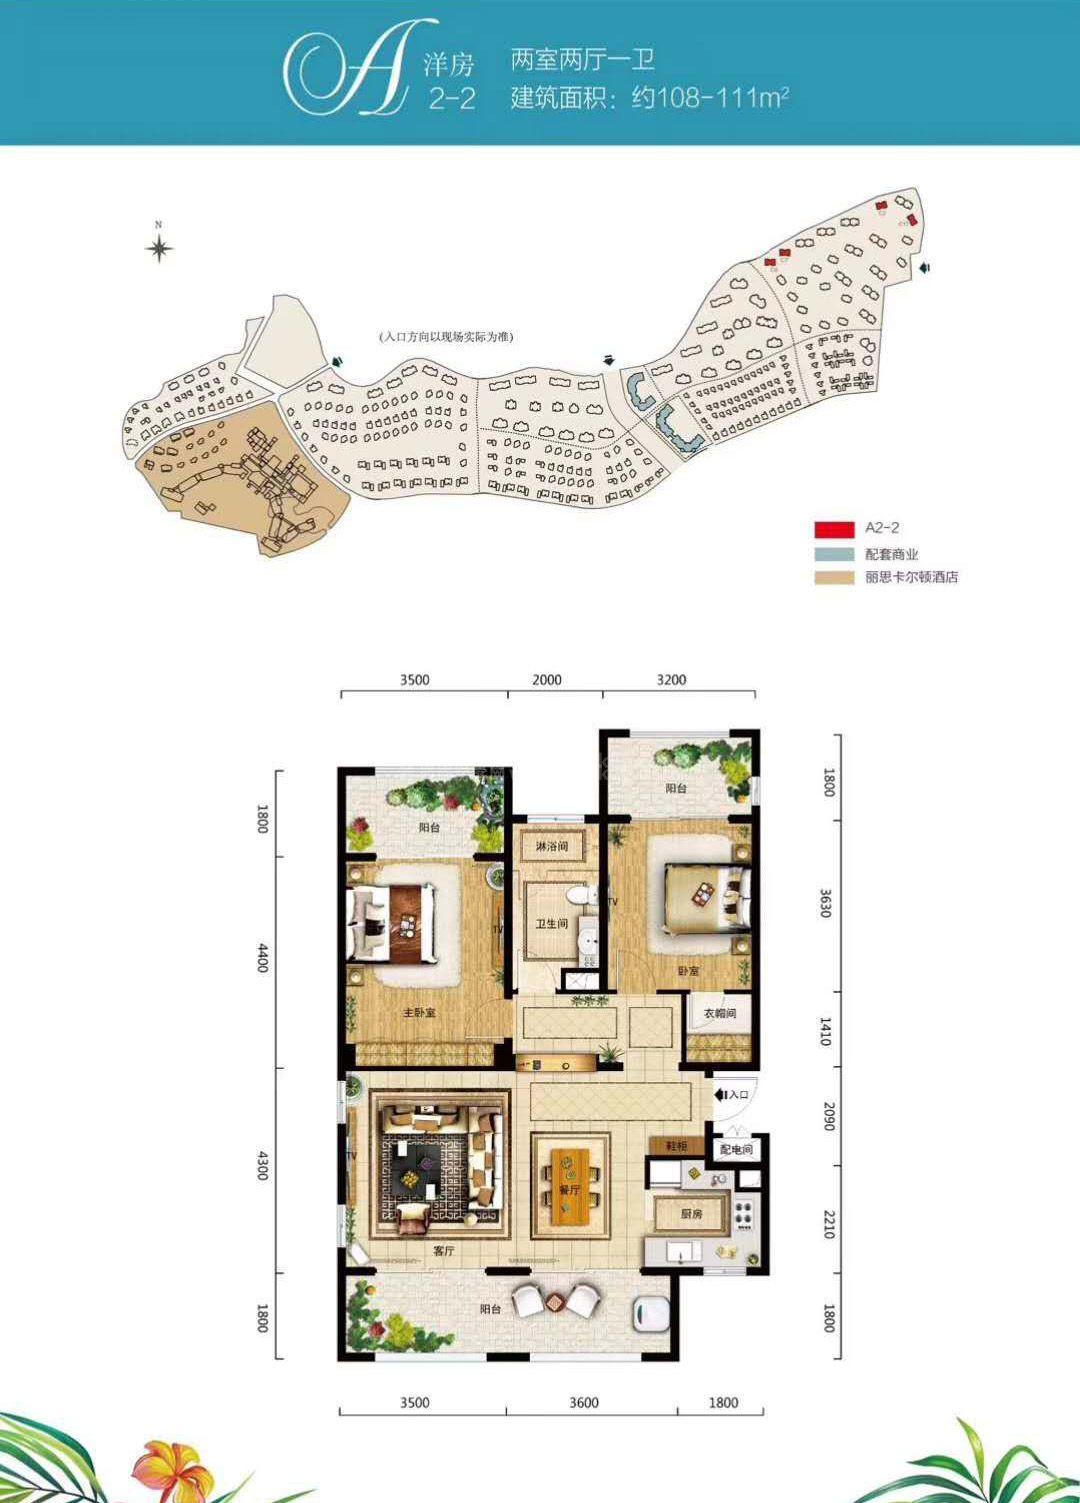 洋房A2-2 两室两厅一卫 建筑面积约108-111㎡